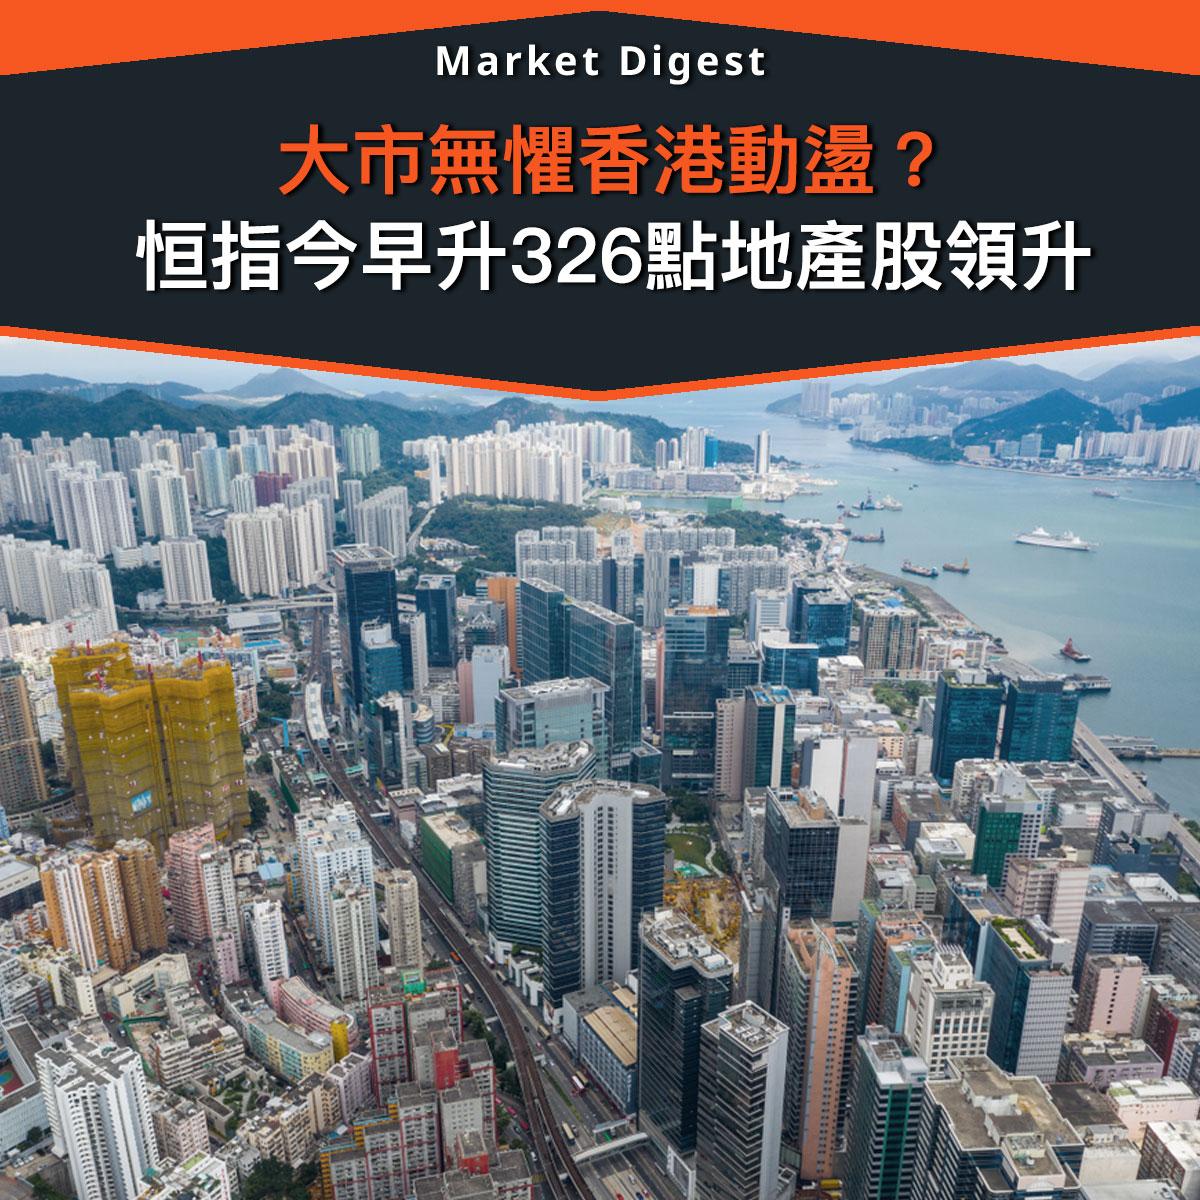 【市場熱話】大市無懼香港動盪?恒指今早升326點地產股領升